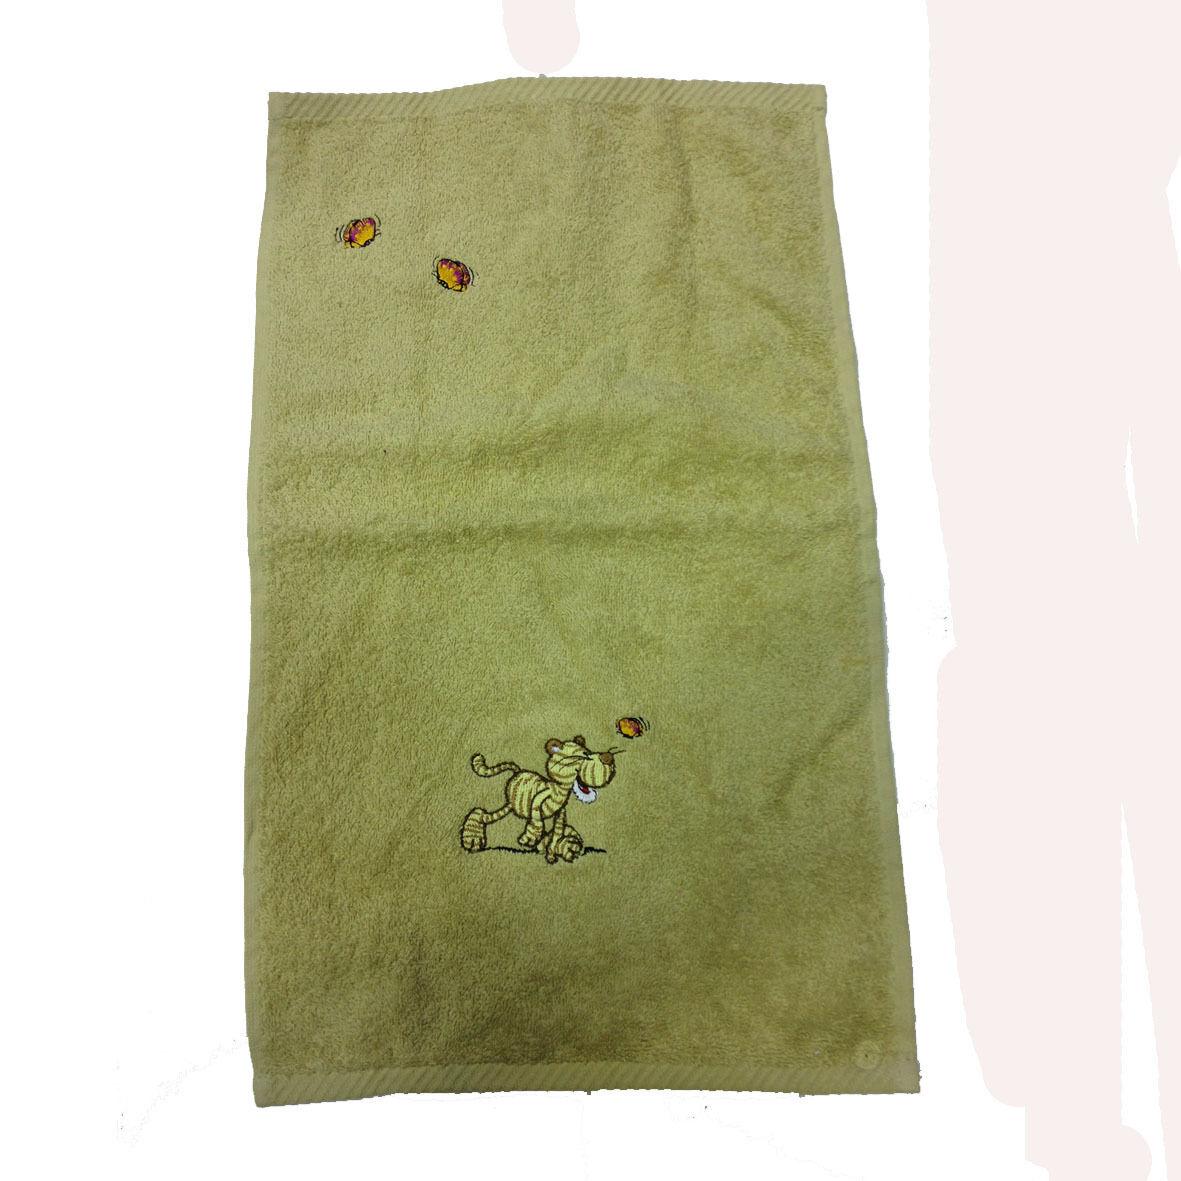 NICI ascigamanino piccolo beige ricamato in morbida spugna di cotone 30x50cm